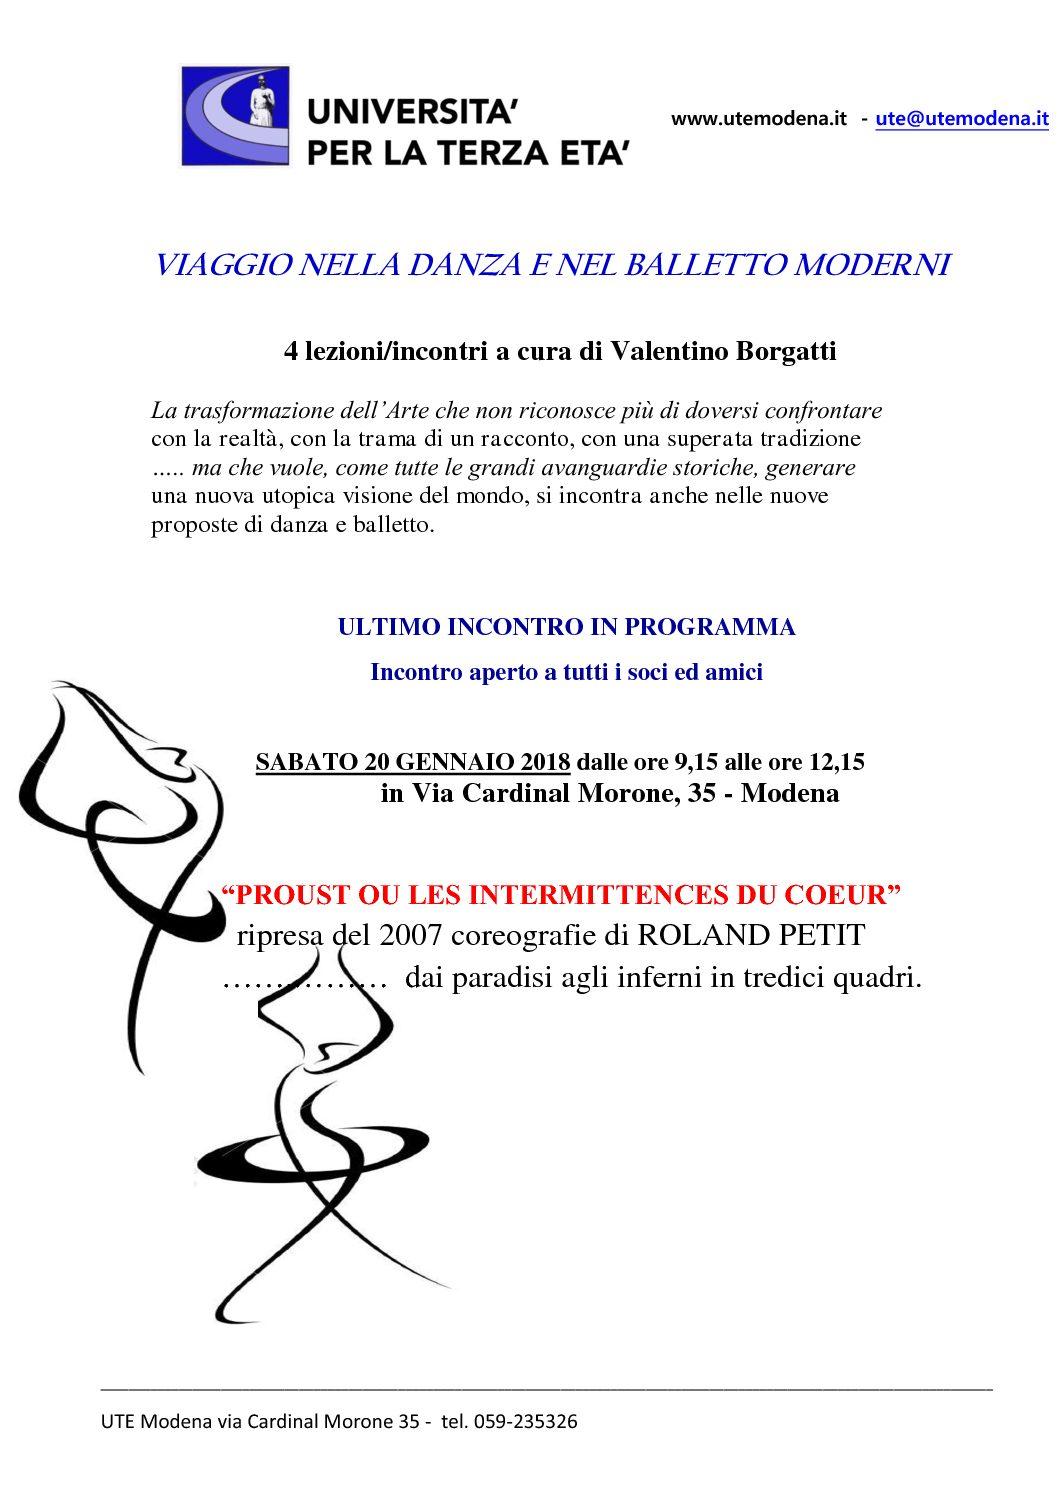 VIAGGIO NELLA DANZA E NEL BALLETTO MODERNI